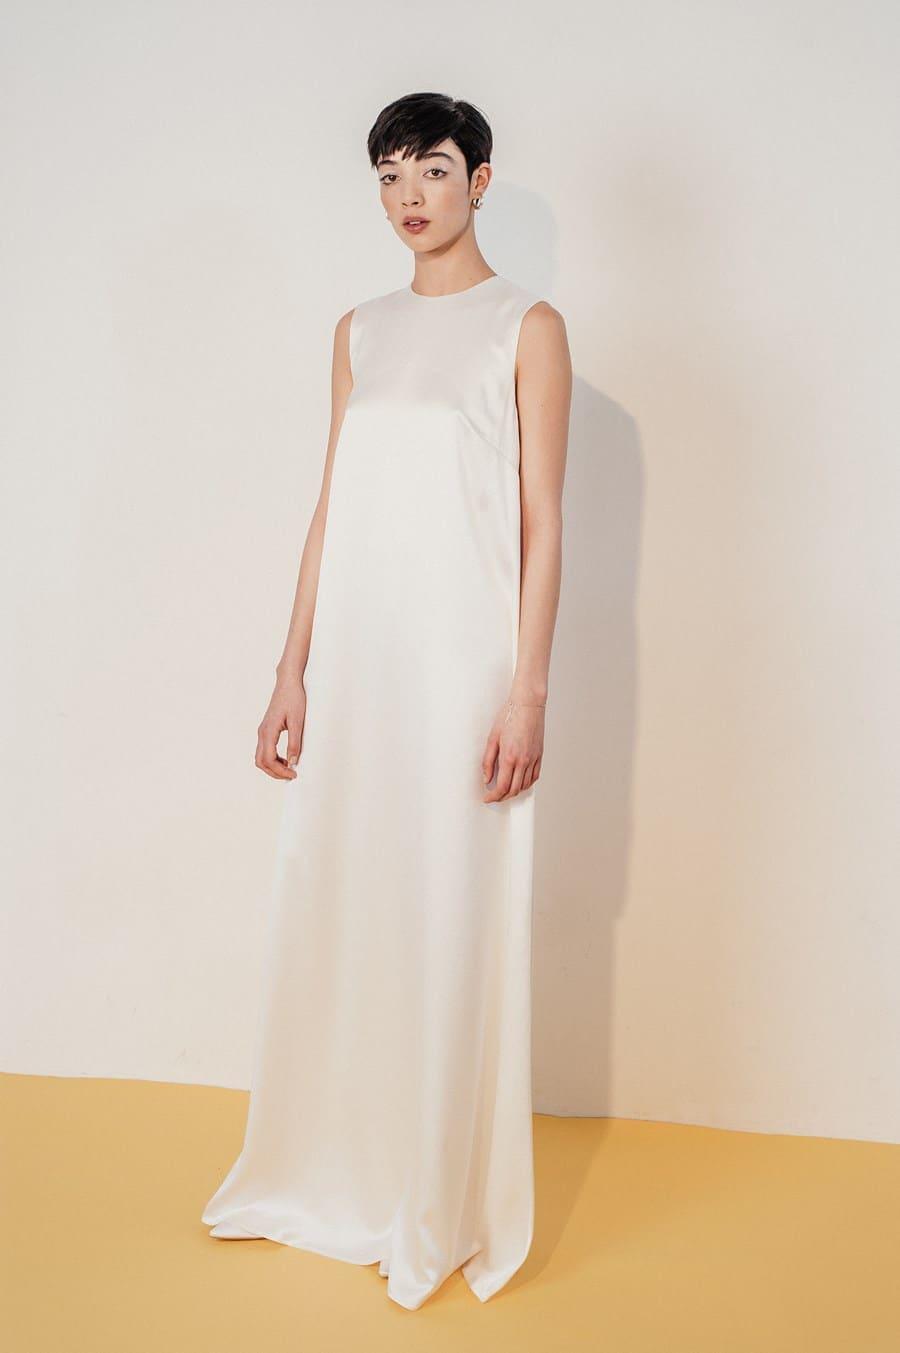 Moderne Brautkleider auch fürs Standesamt von Lilly Ingenhoven